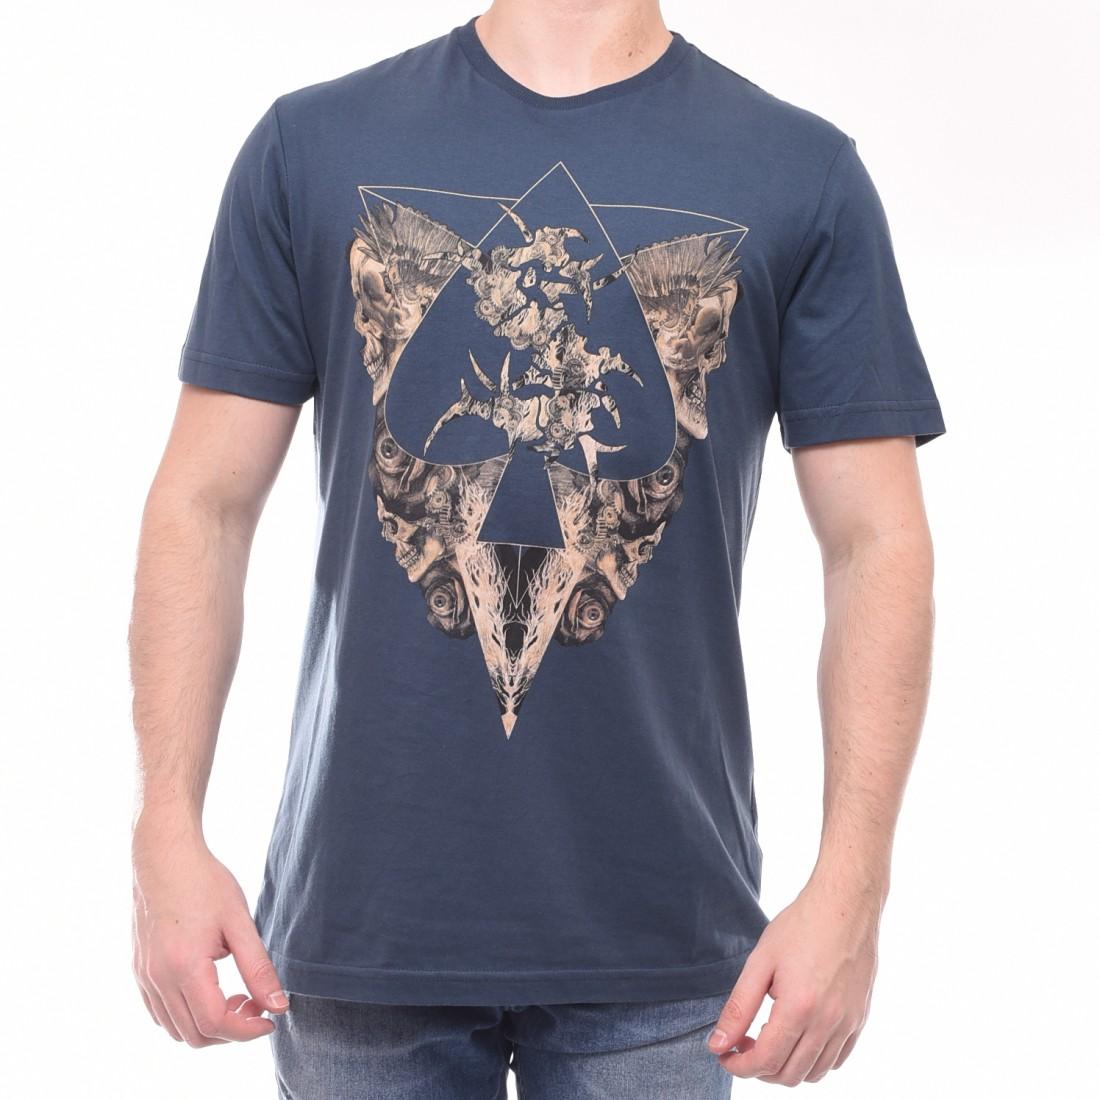 801a950122263 Camiseta MCD Estampa Caveira 100% Algodão - LM Martins - Veste você ...